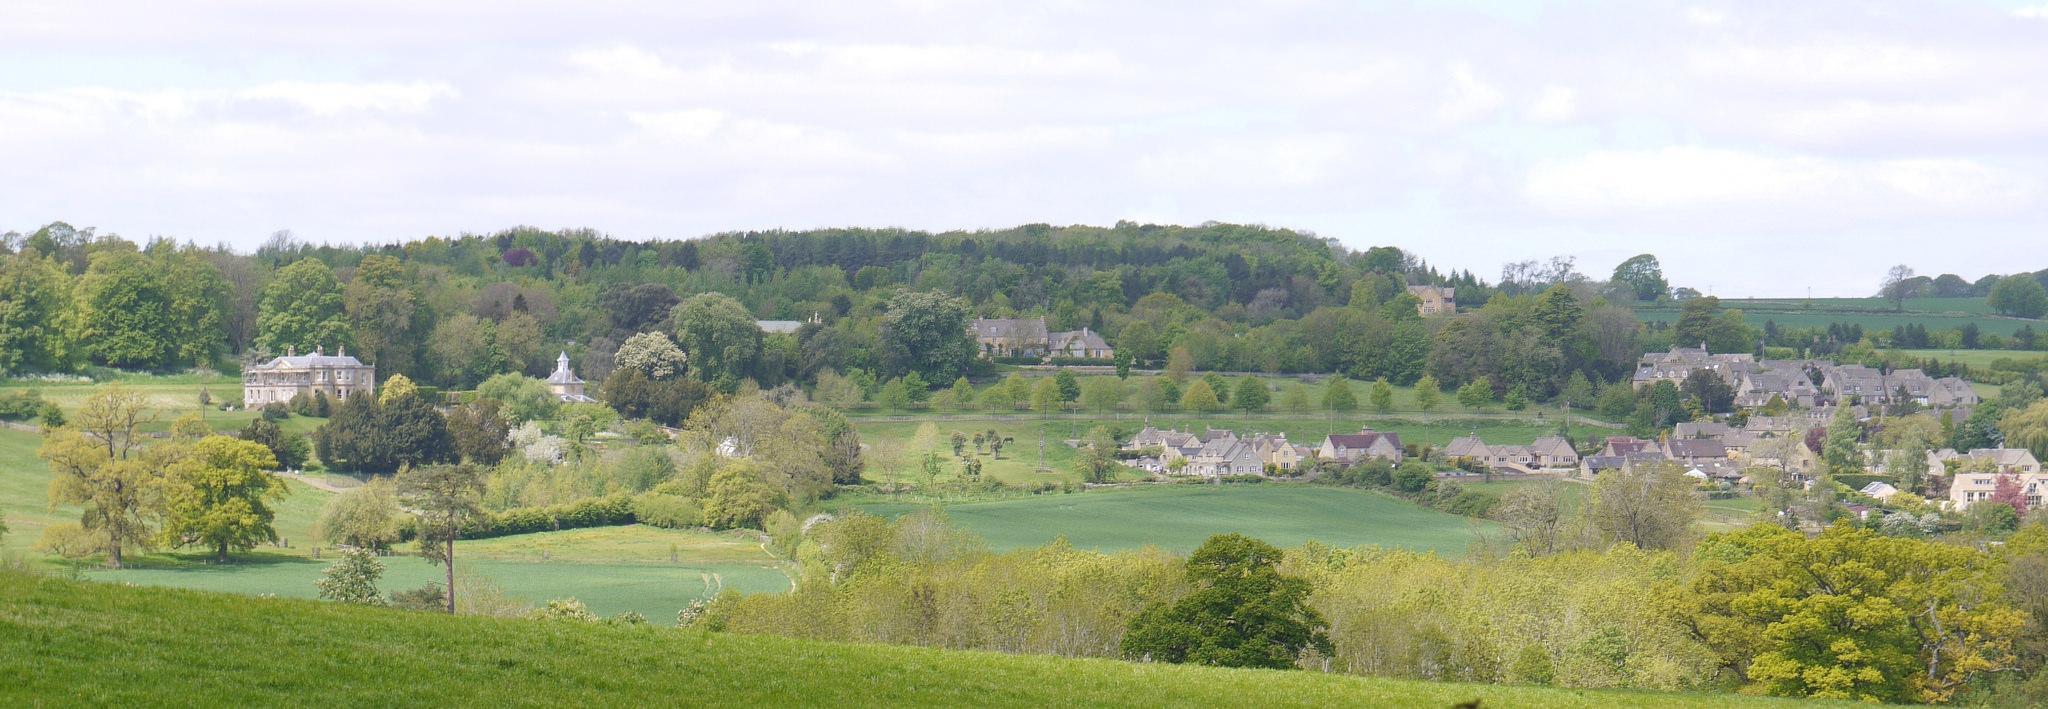 landscape-cotswolds